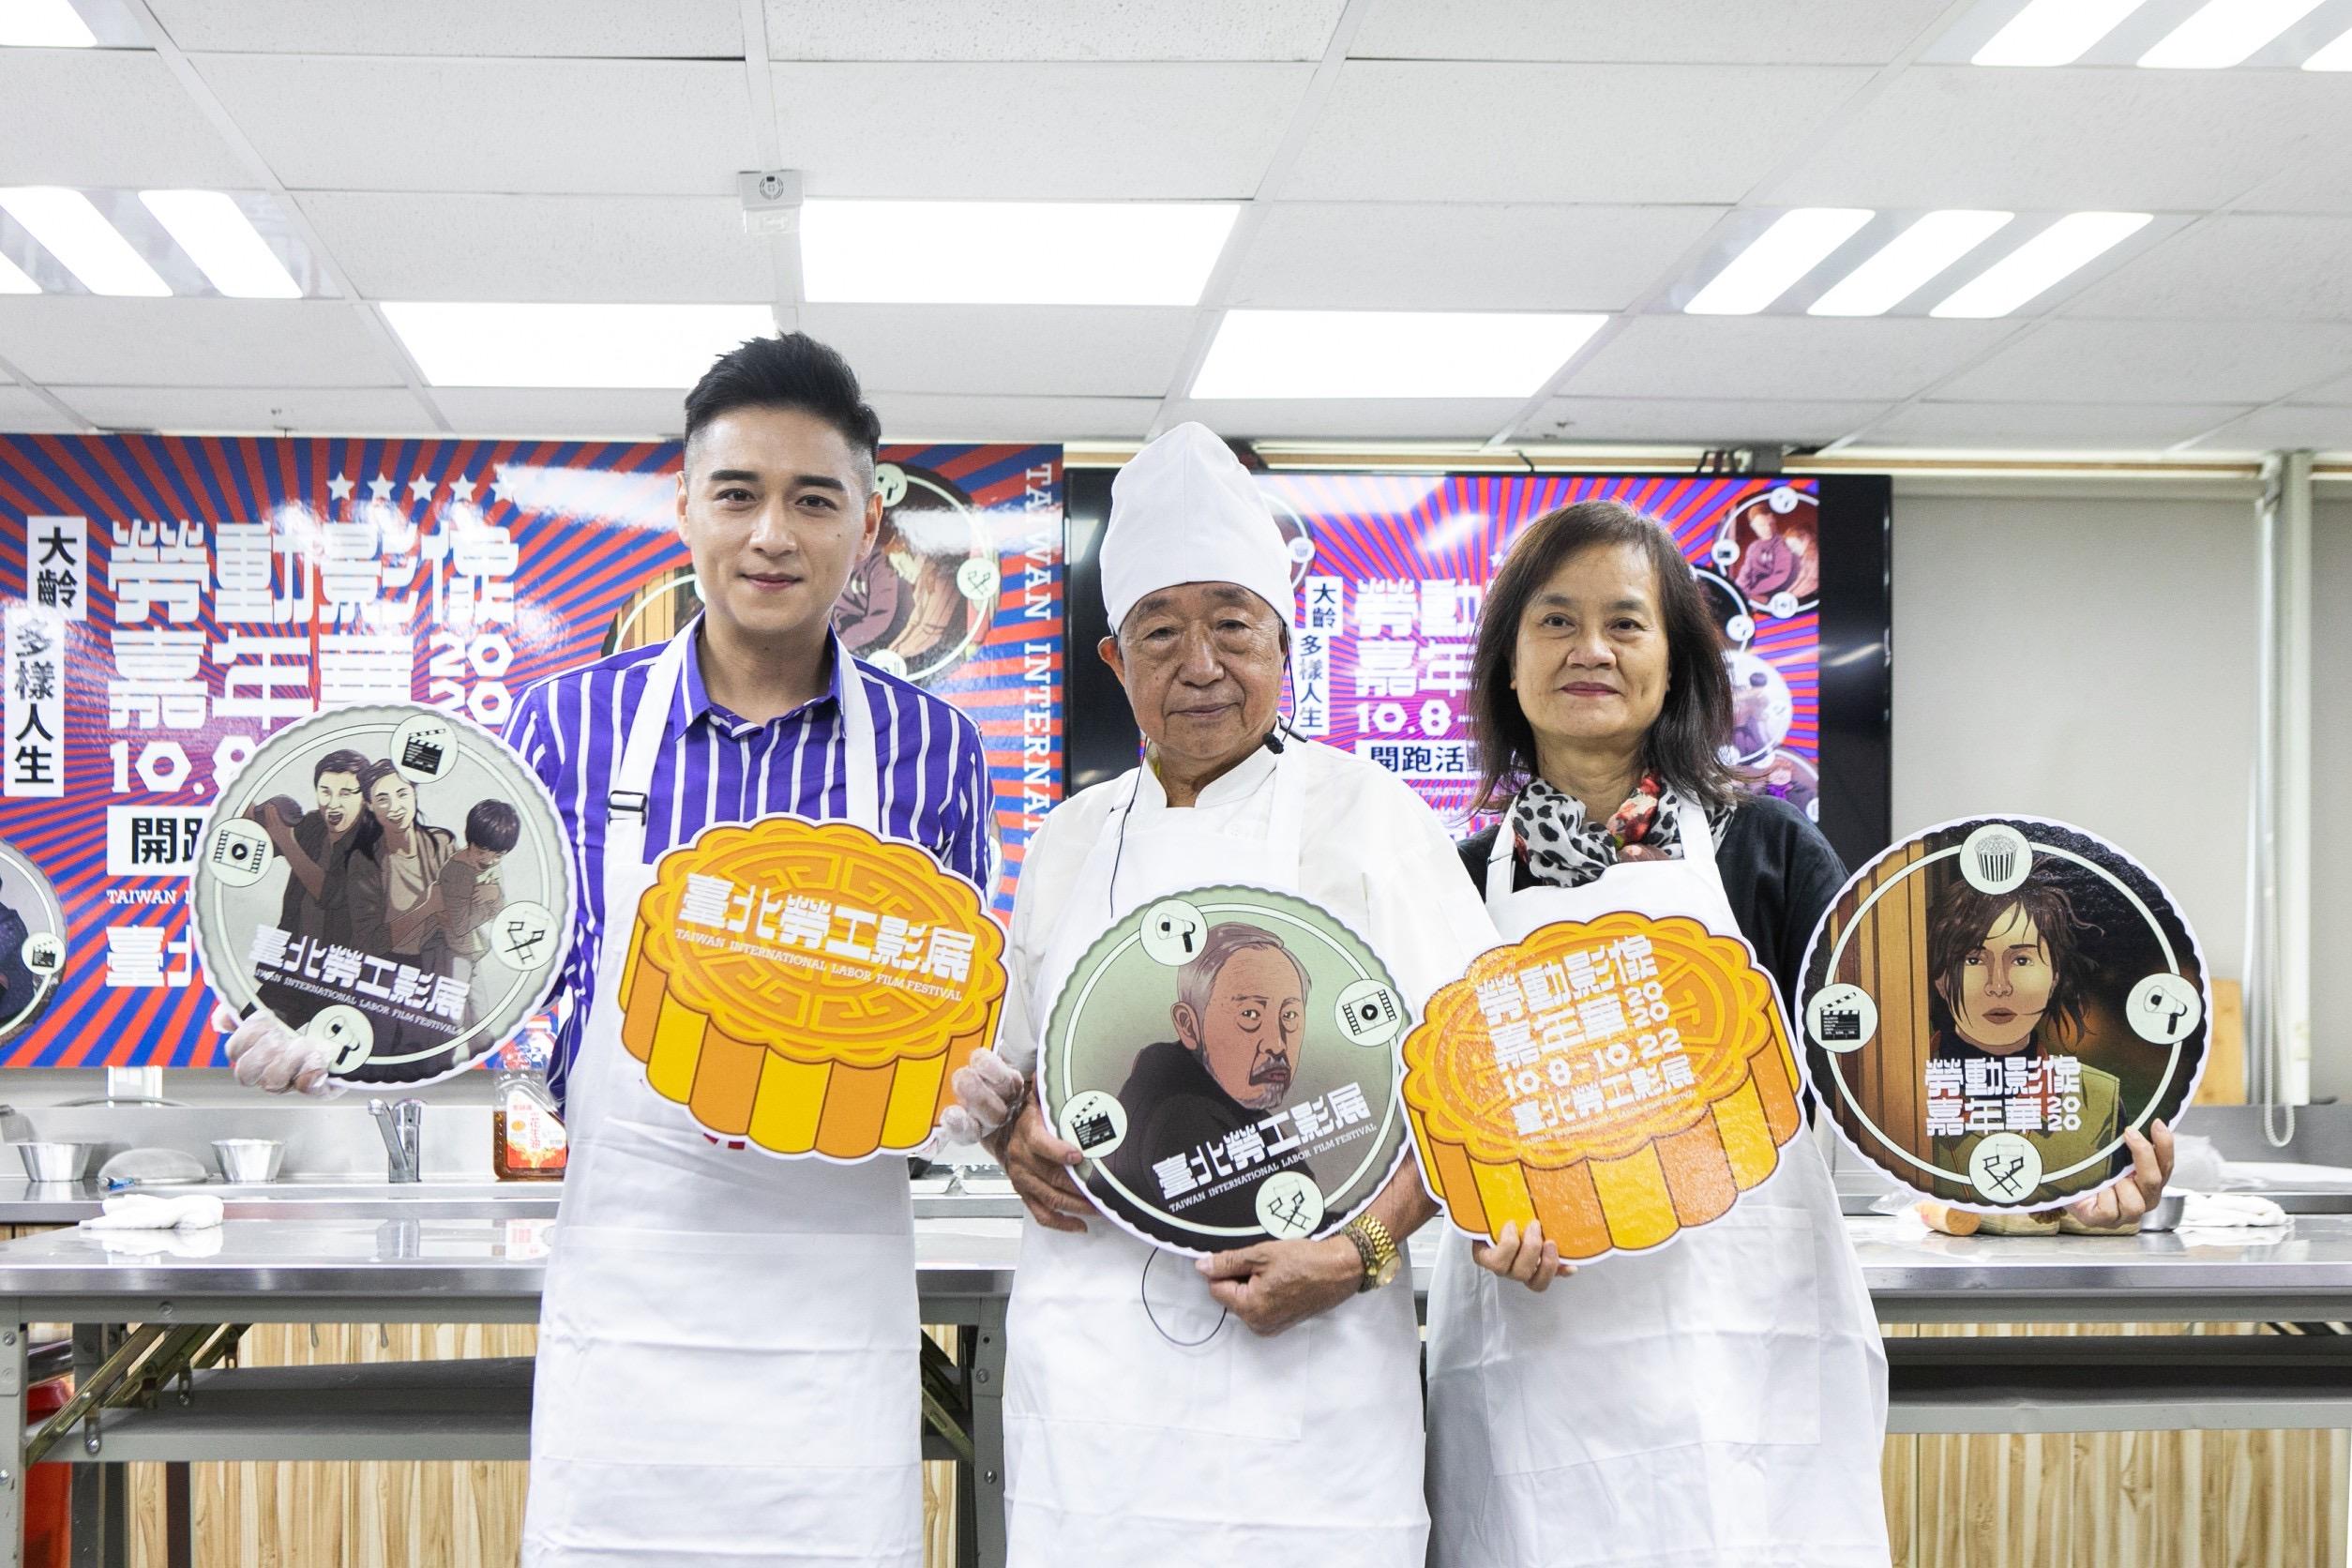 左起鄭人碩、董泰宏師傅、勞動局副局長陳惠淇